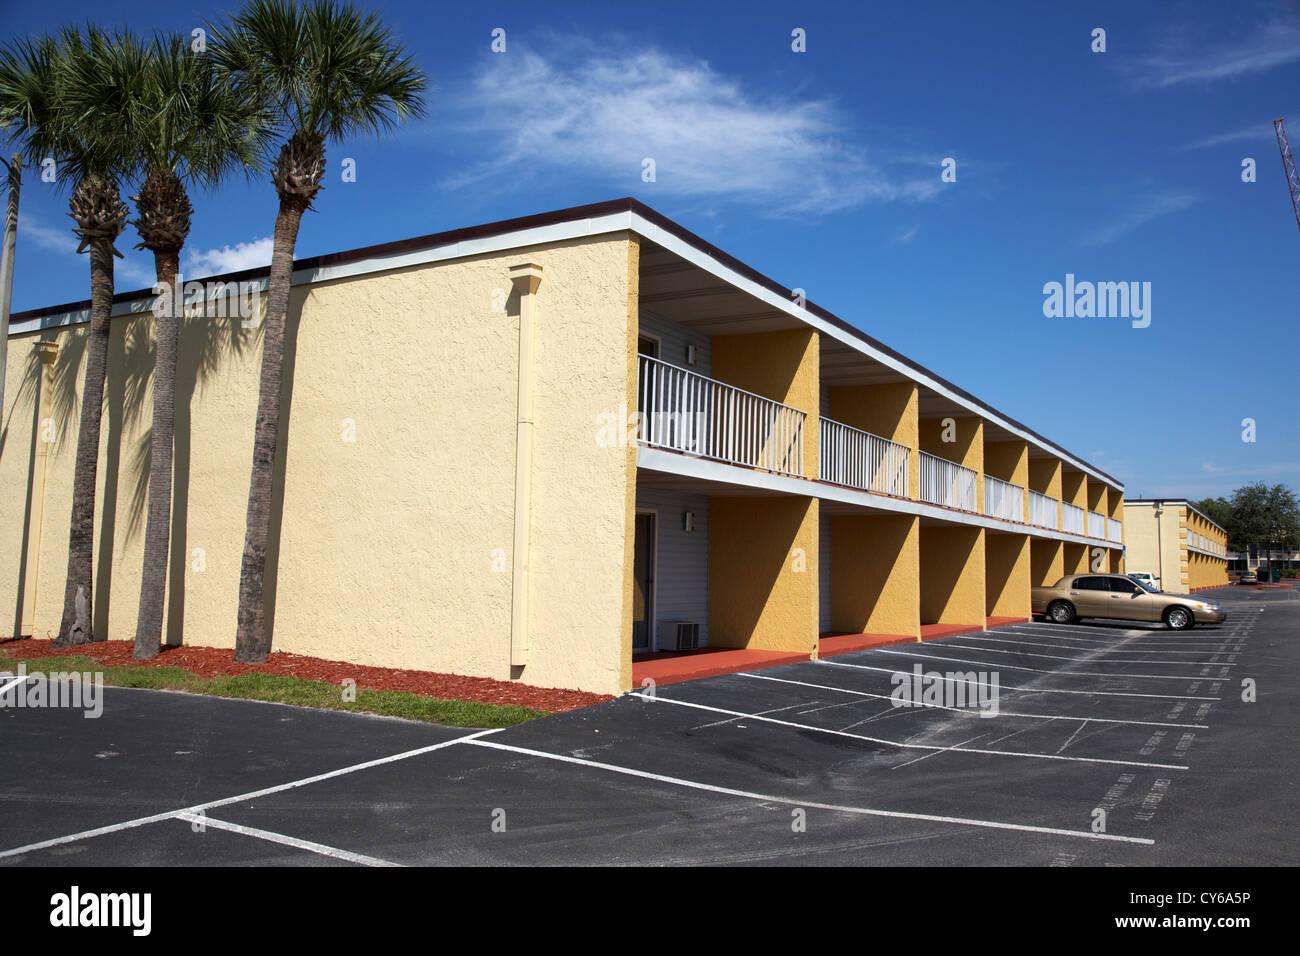 meist leer billig Budget Motel in Kissimmee Florida usa Stockbild